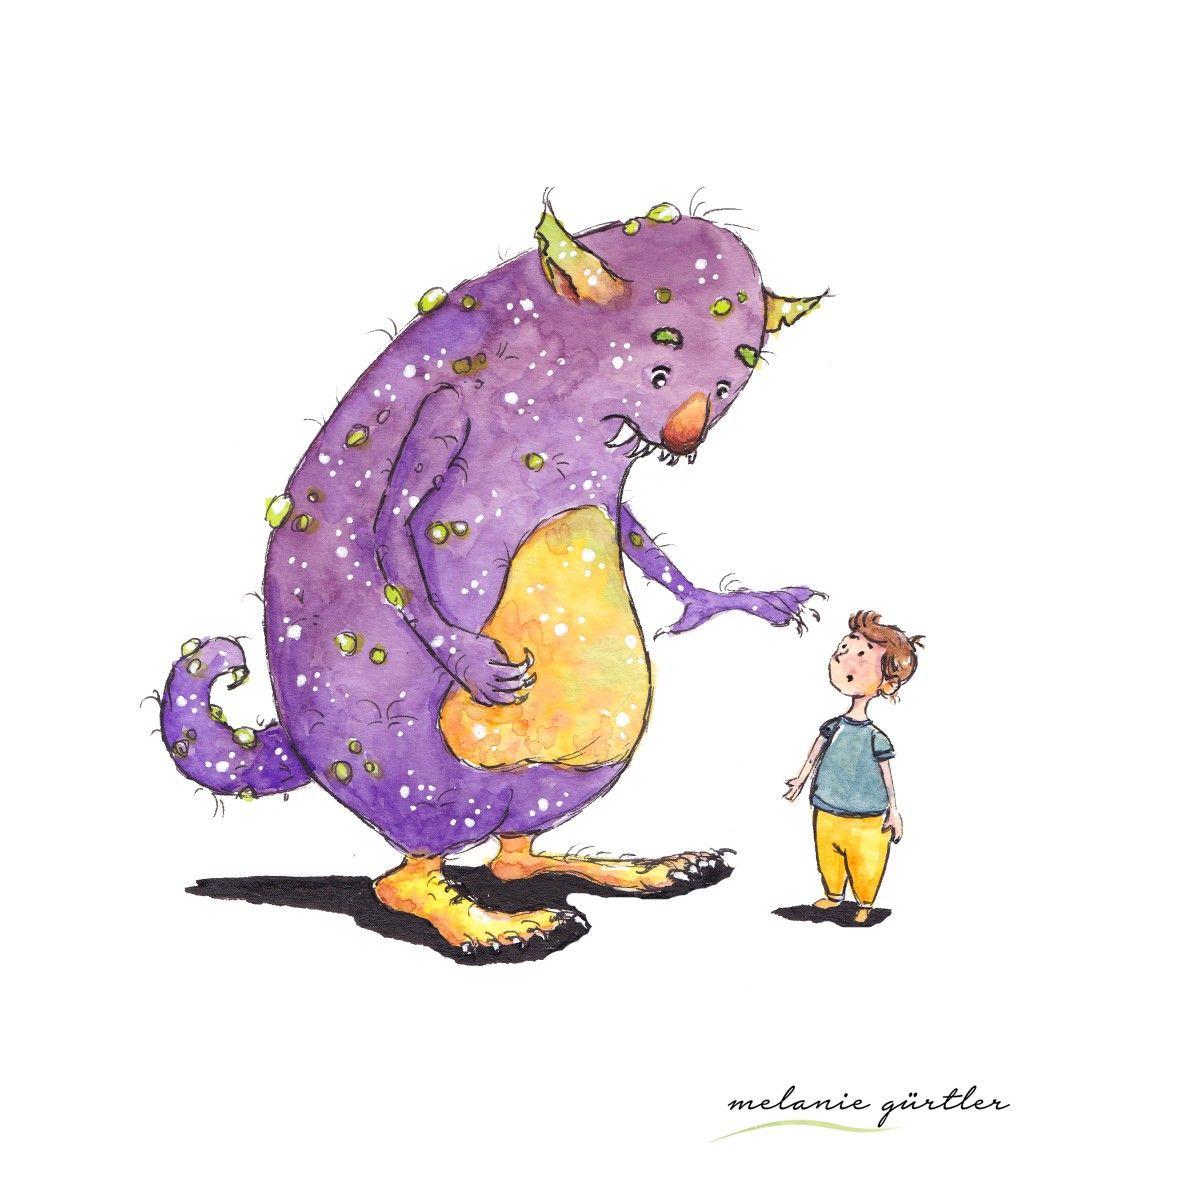 Monster Illustration Kinderbuch Aquarell Buntstift Melanie